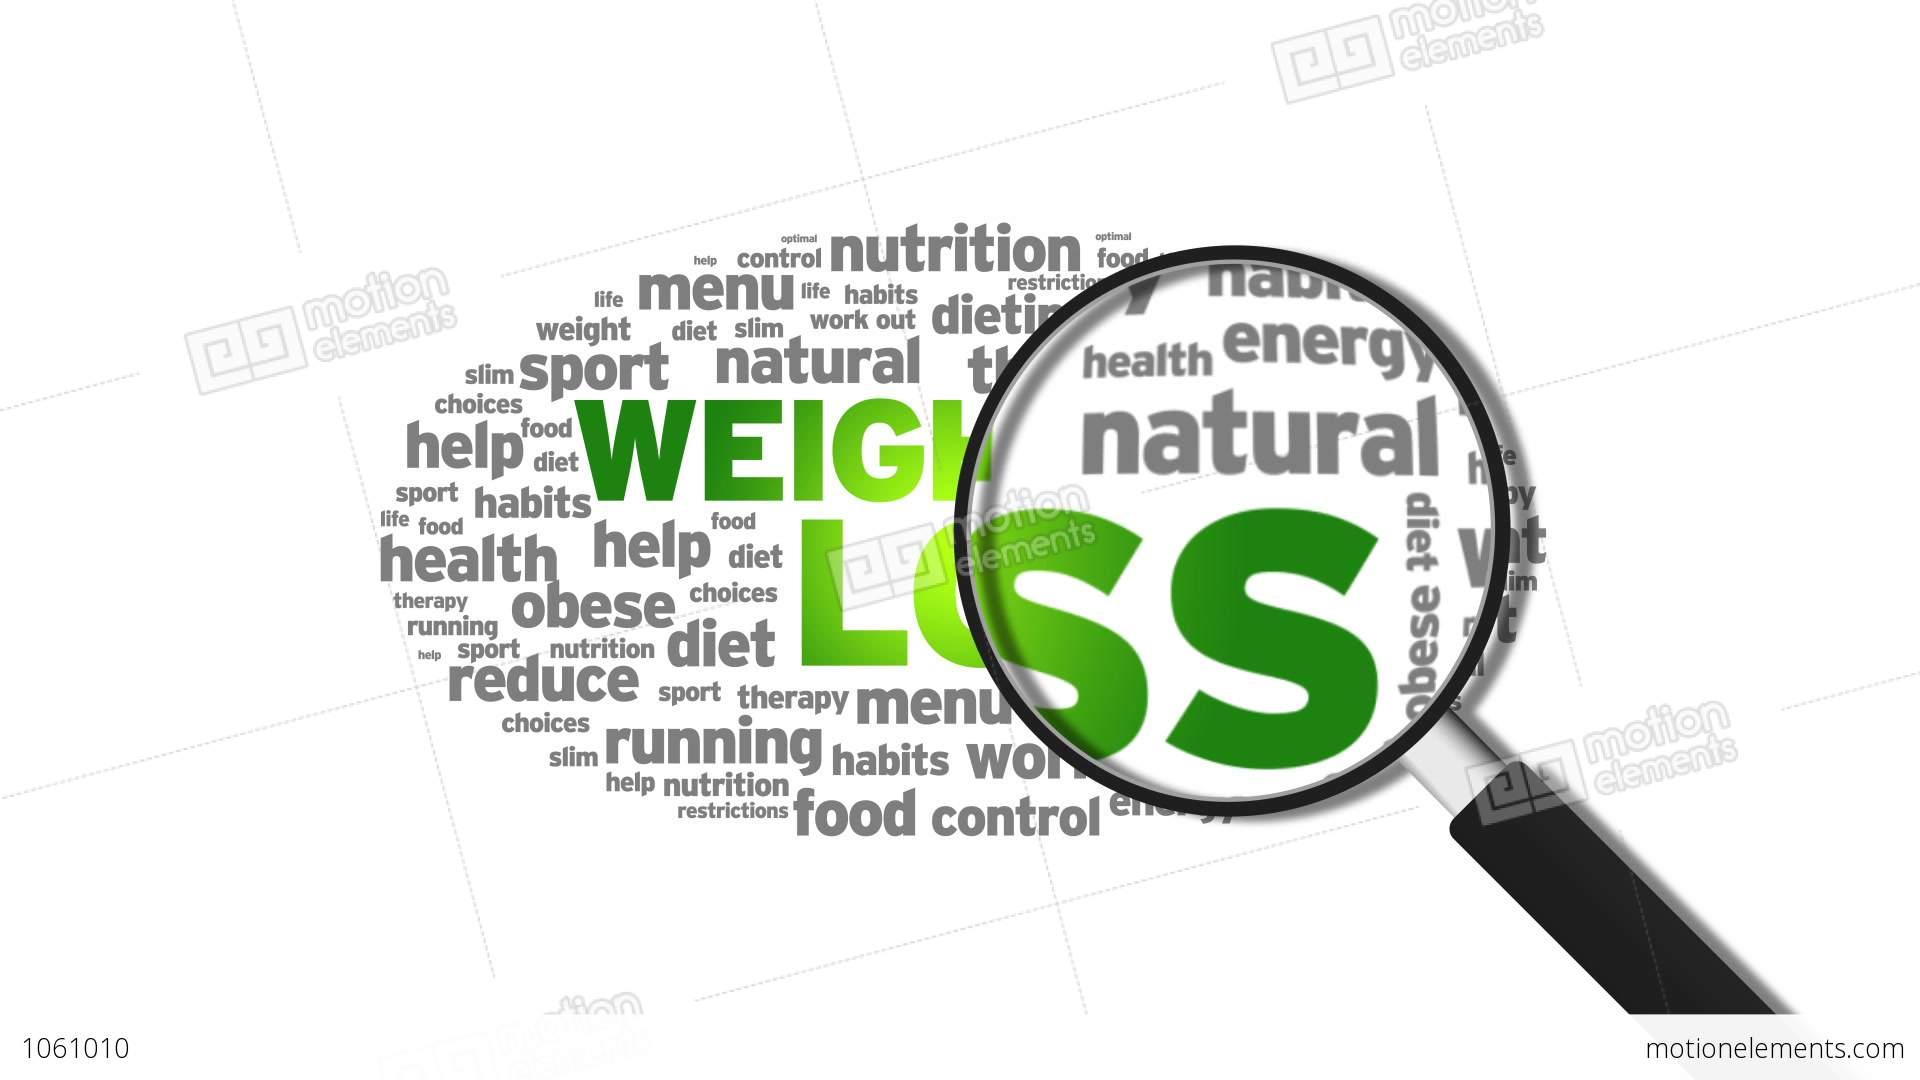 Express fat-burning meal plan image 3